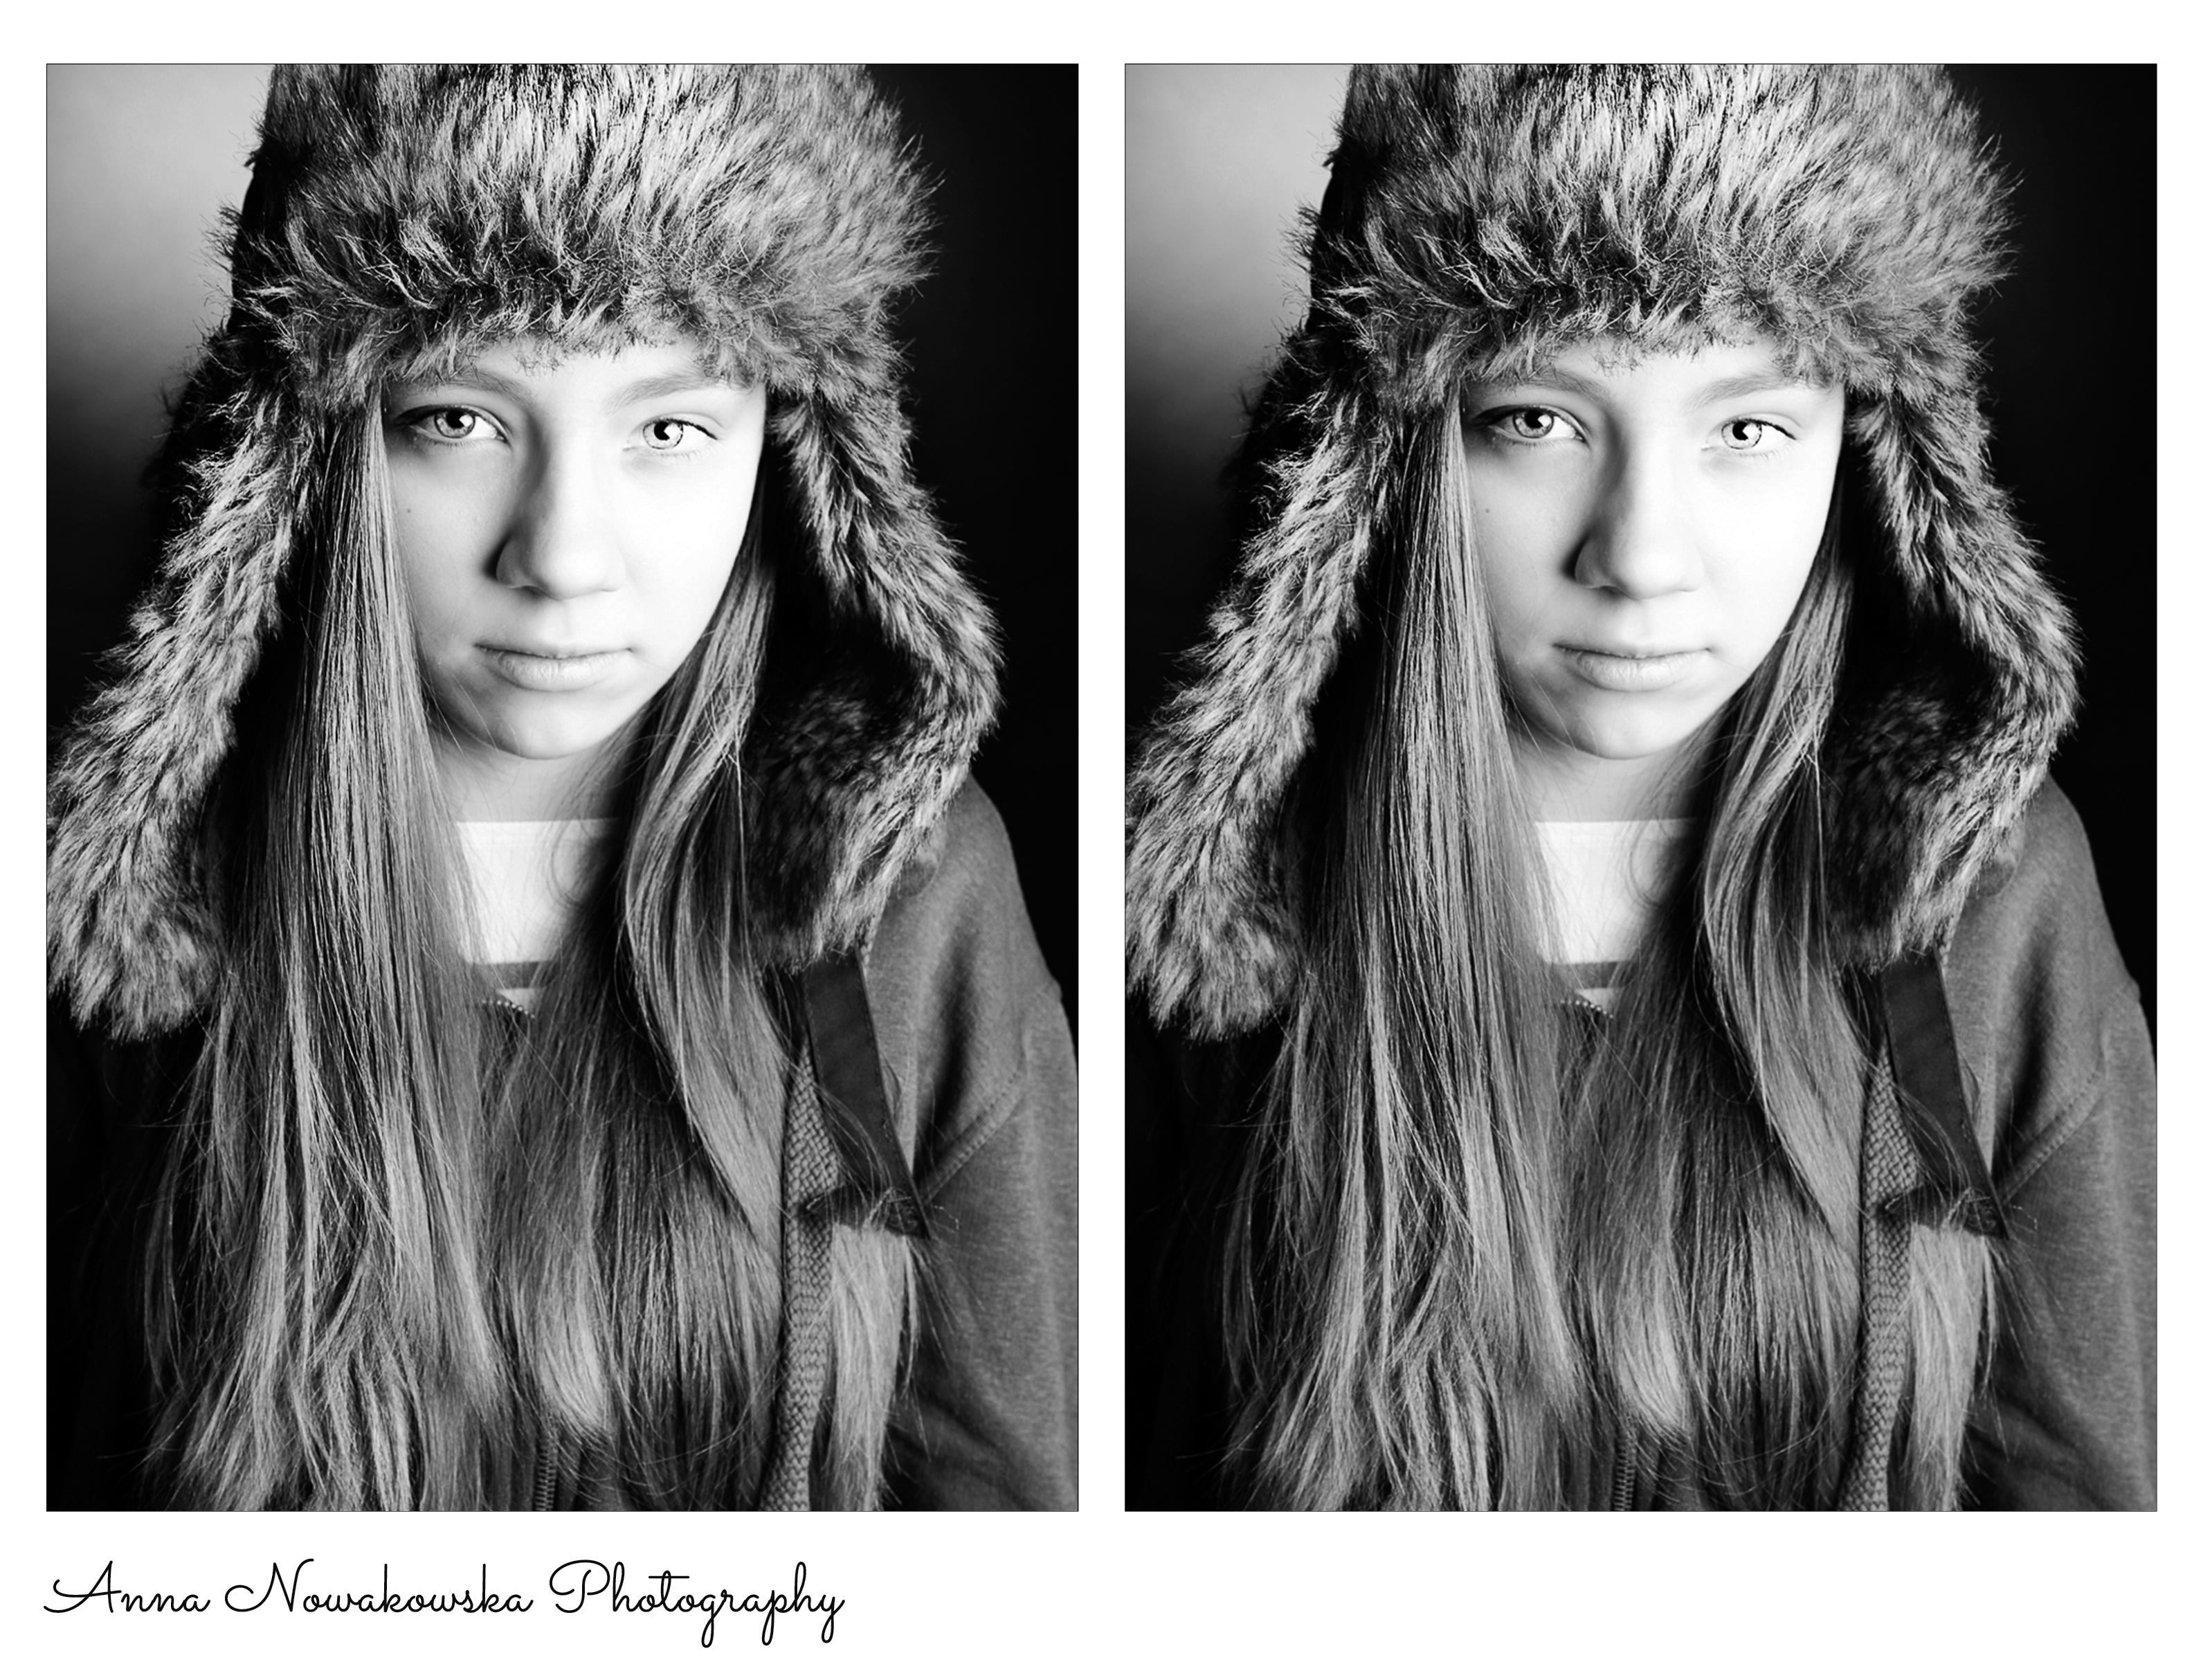 portrait photography by anna nowakowska dublin